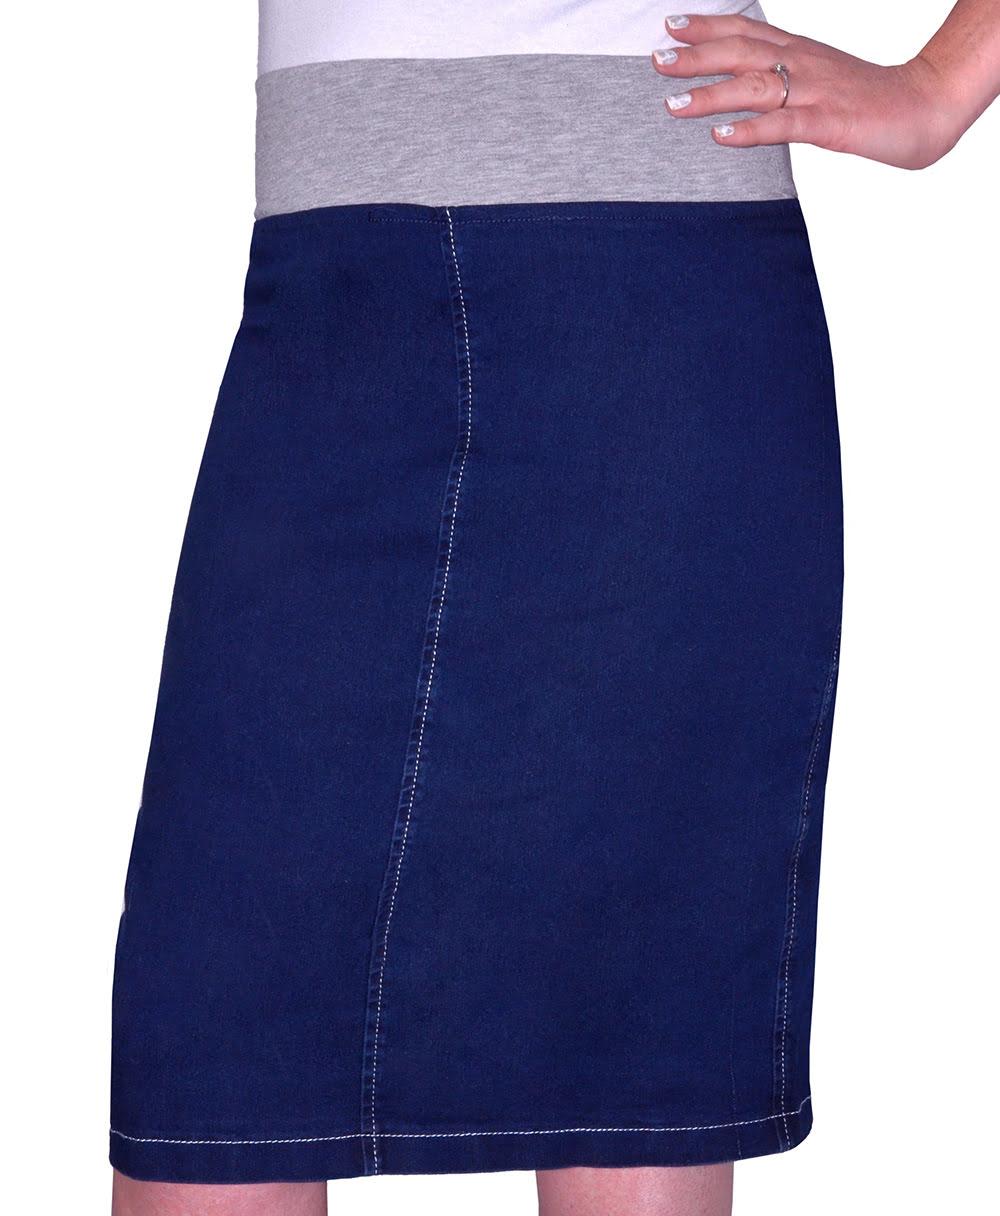 kosher casual s modest knee length denim skirt